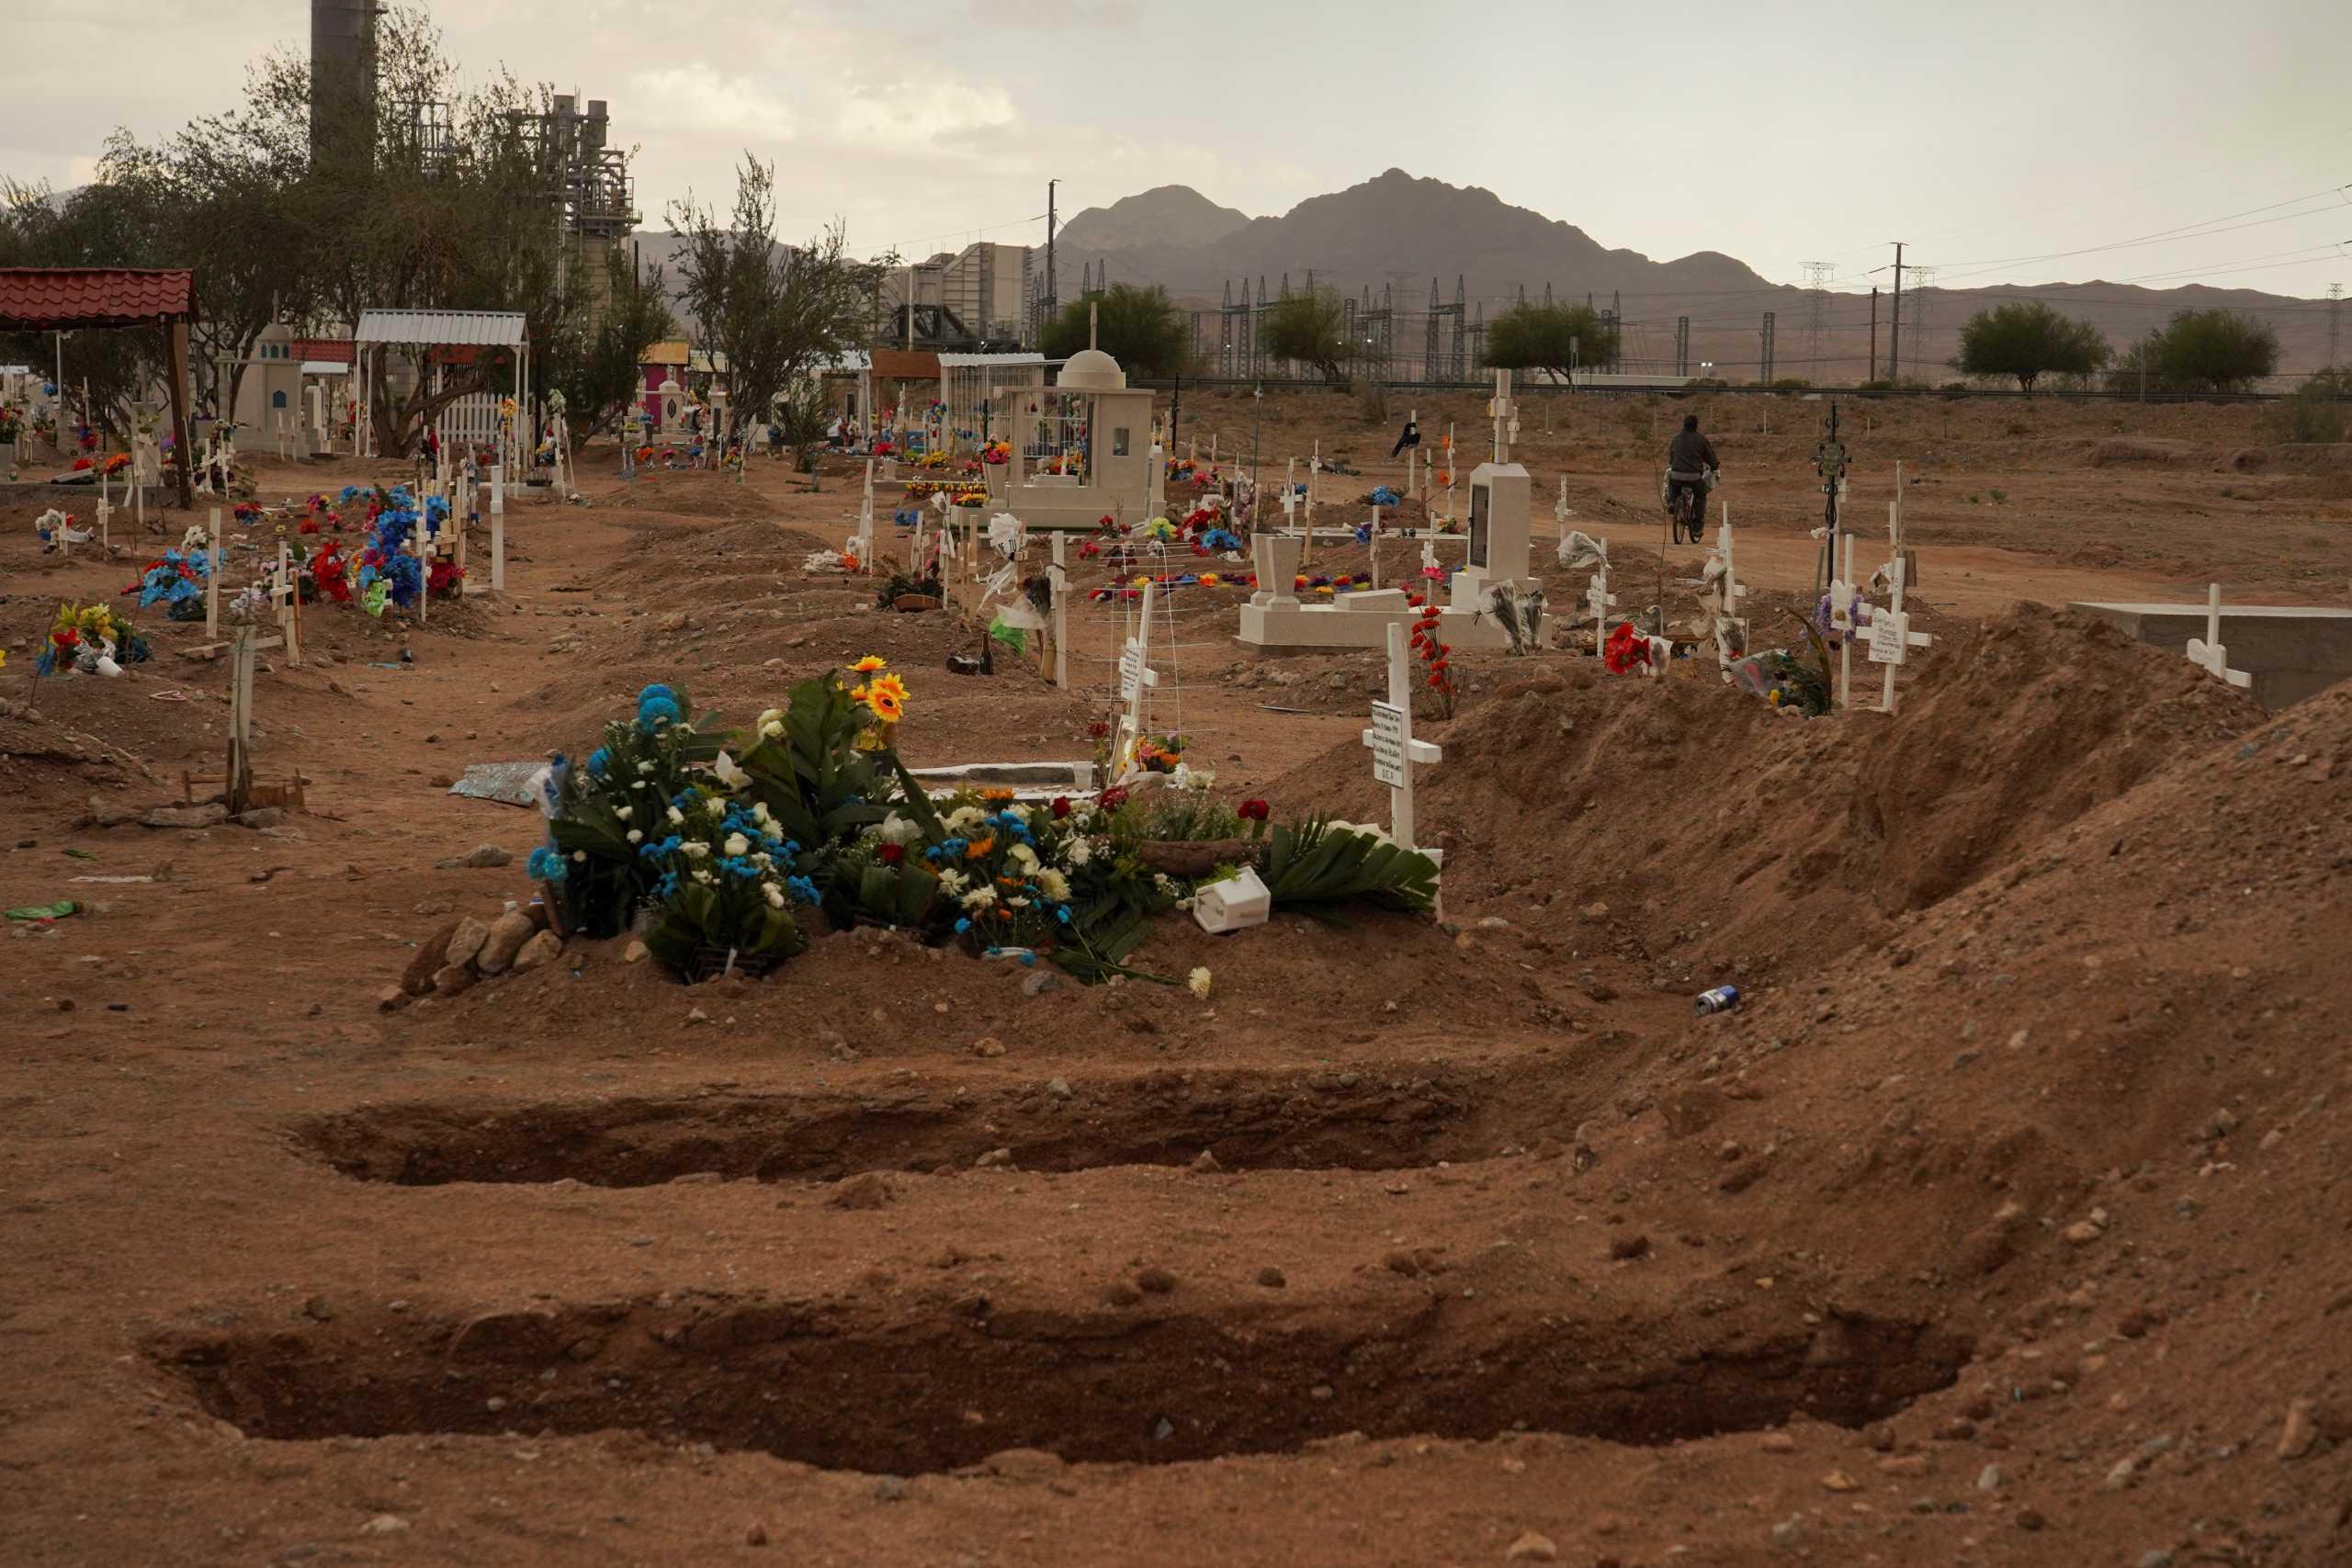 Μεξικό: 5.977 κρούσματα κορονοϊού και 577 θάνατοι σε 24 ώρες